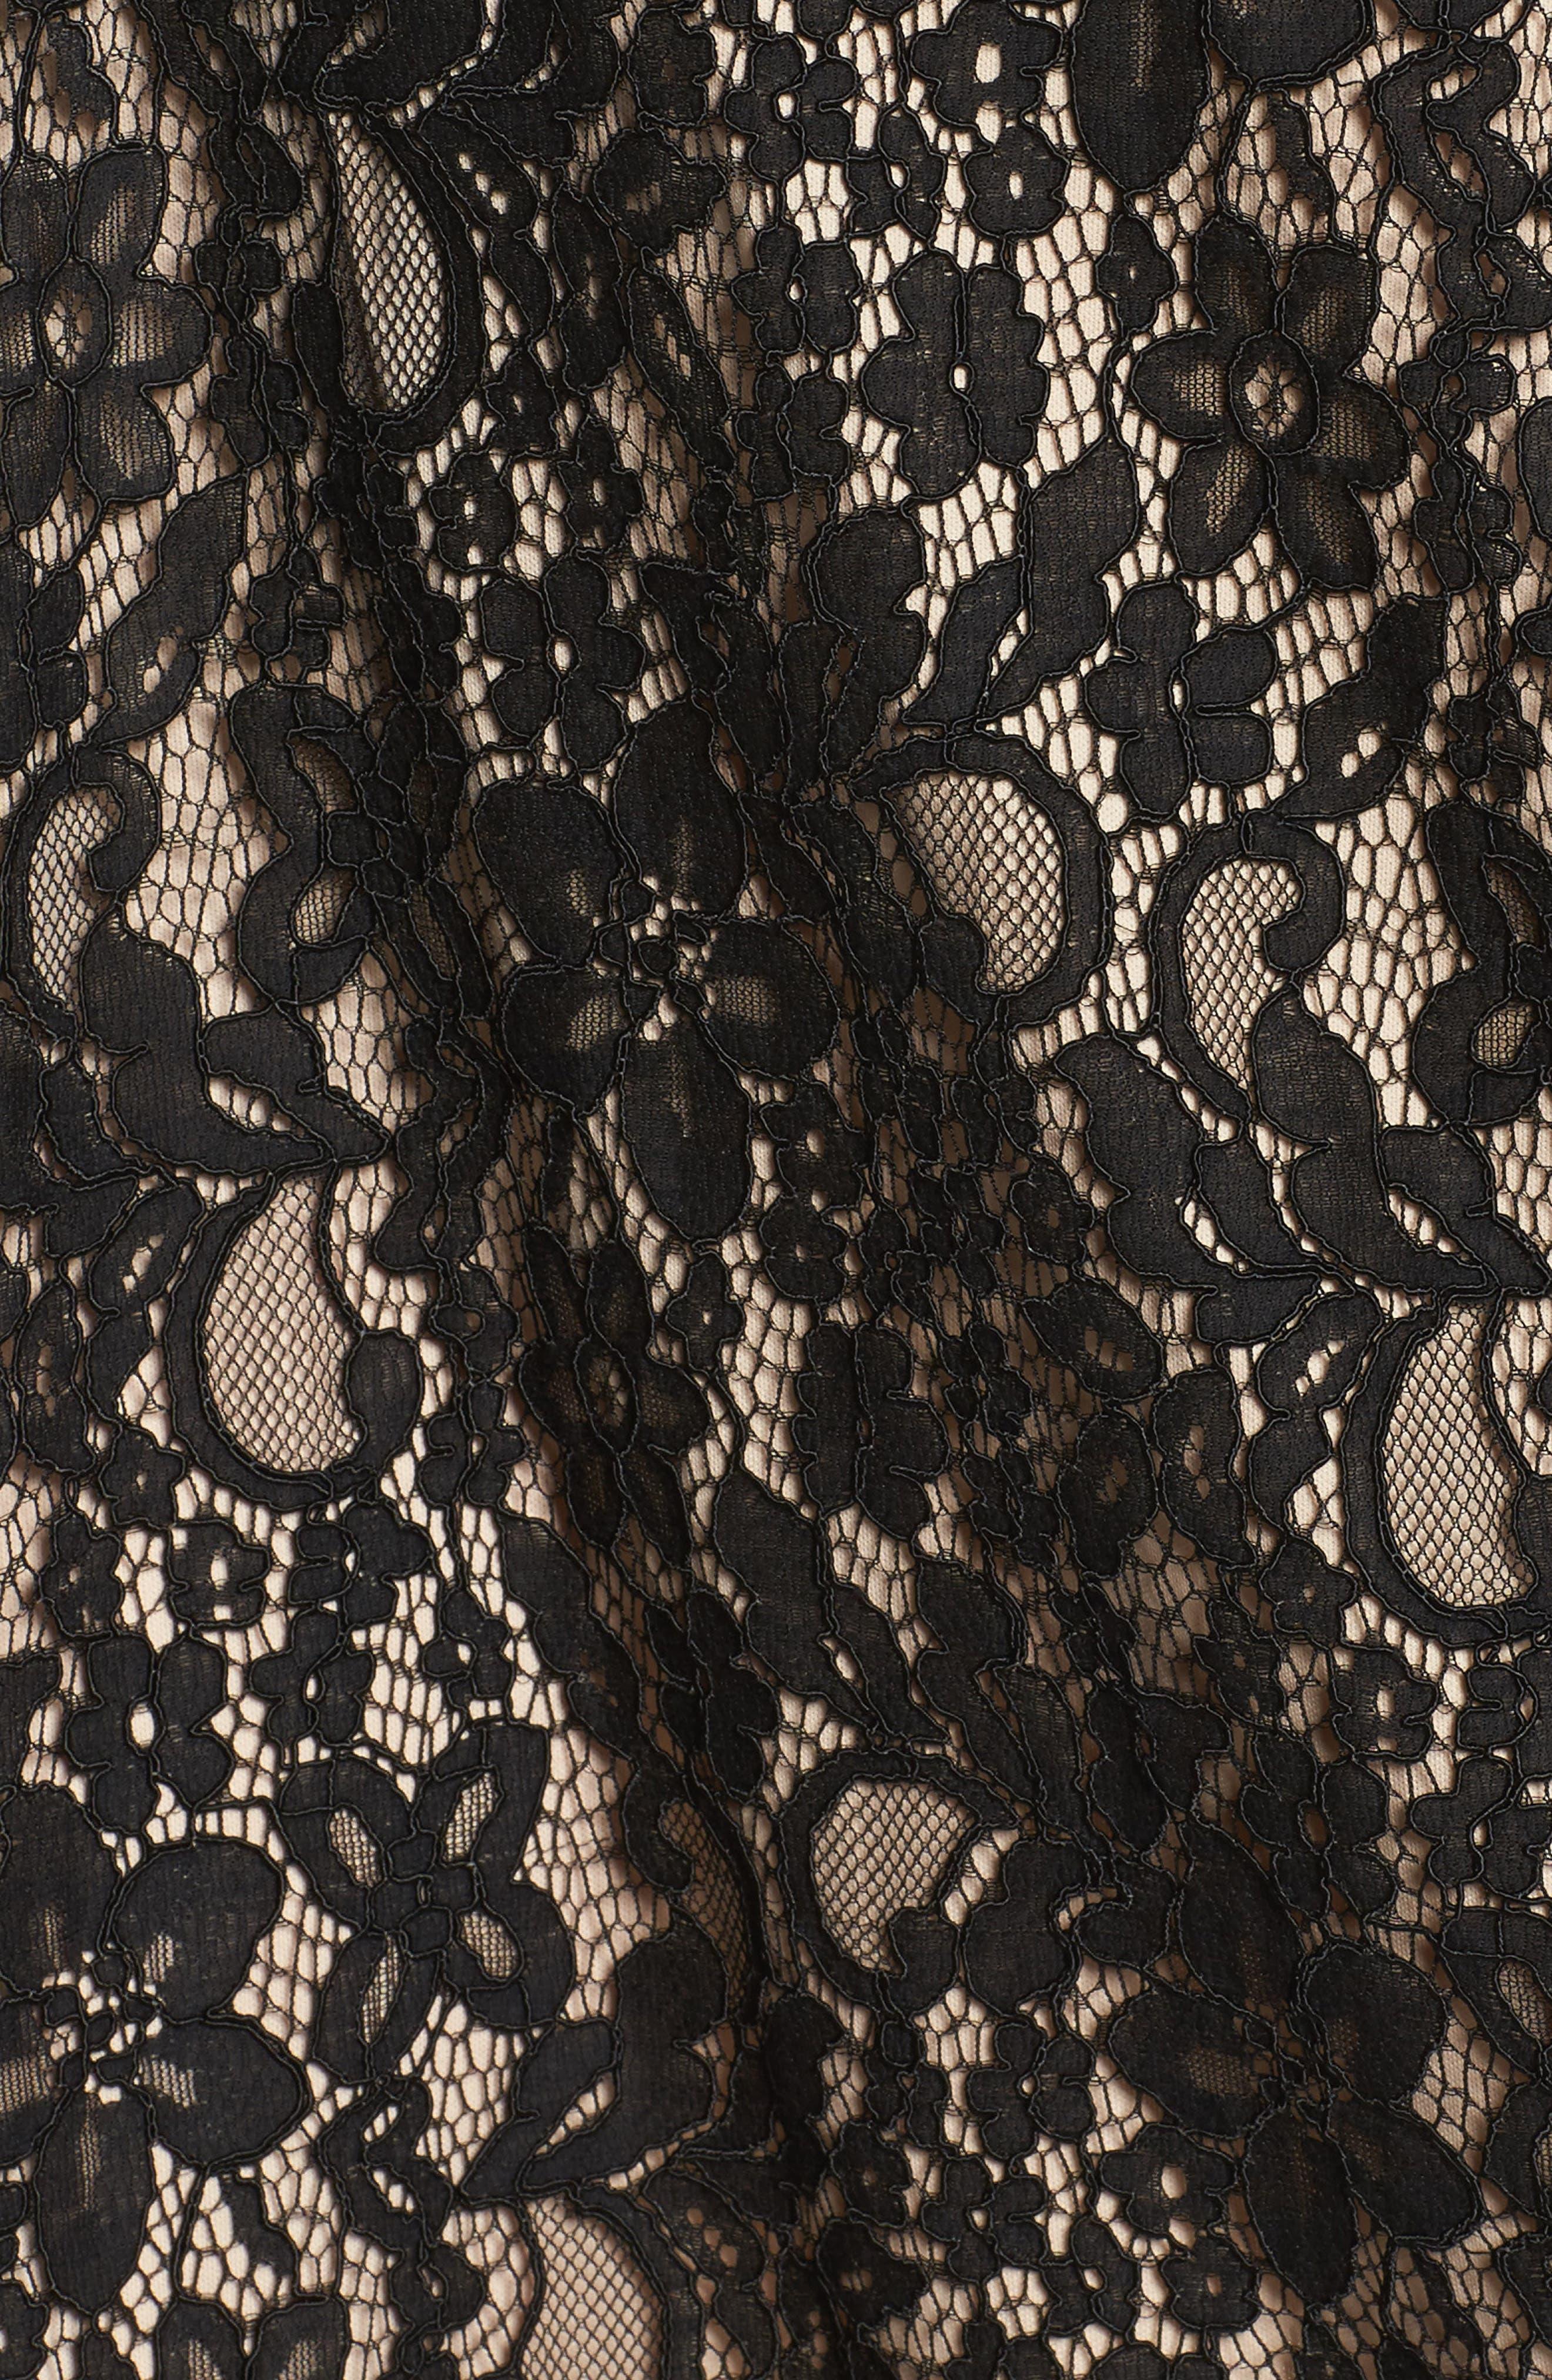 Tie Front Lace Dress,                             Alternate thumbnail 5, color,                             001